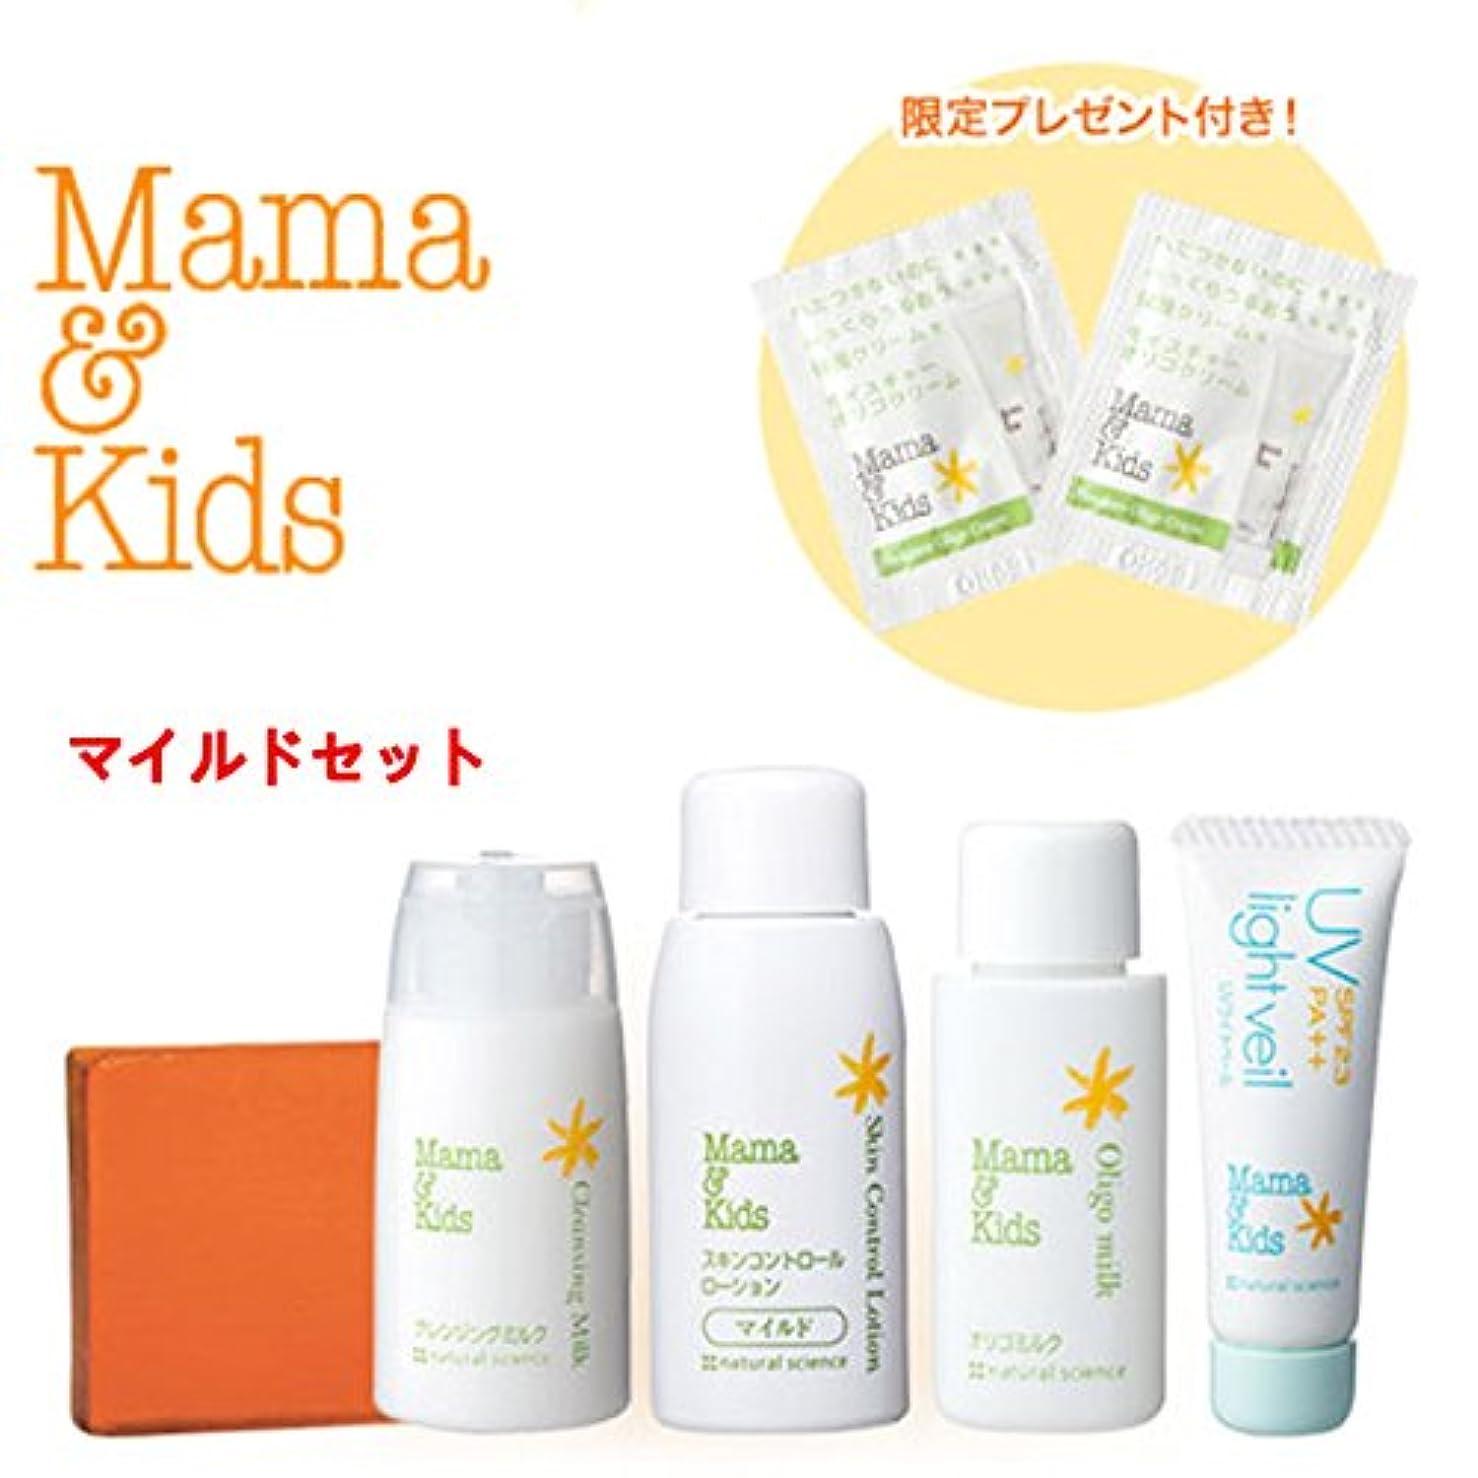 費やす強制侵略ママ&キッズぷるぷるお肌トライアルセット(マイルド)/Mama&Kids SkinCare Travel set/孕期基础护肤试用装普通保湿